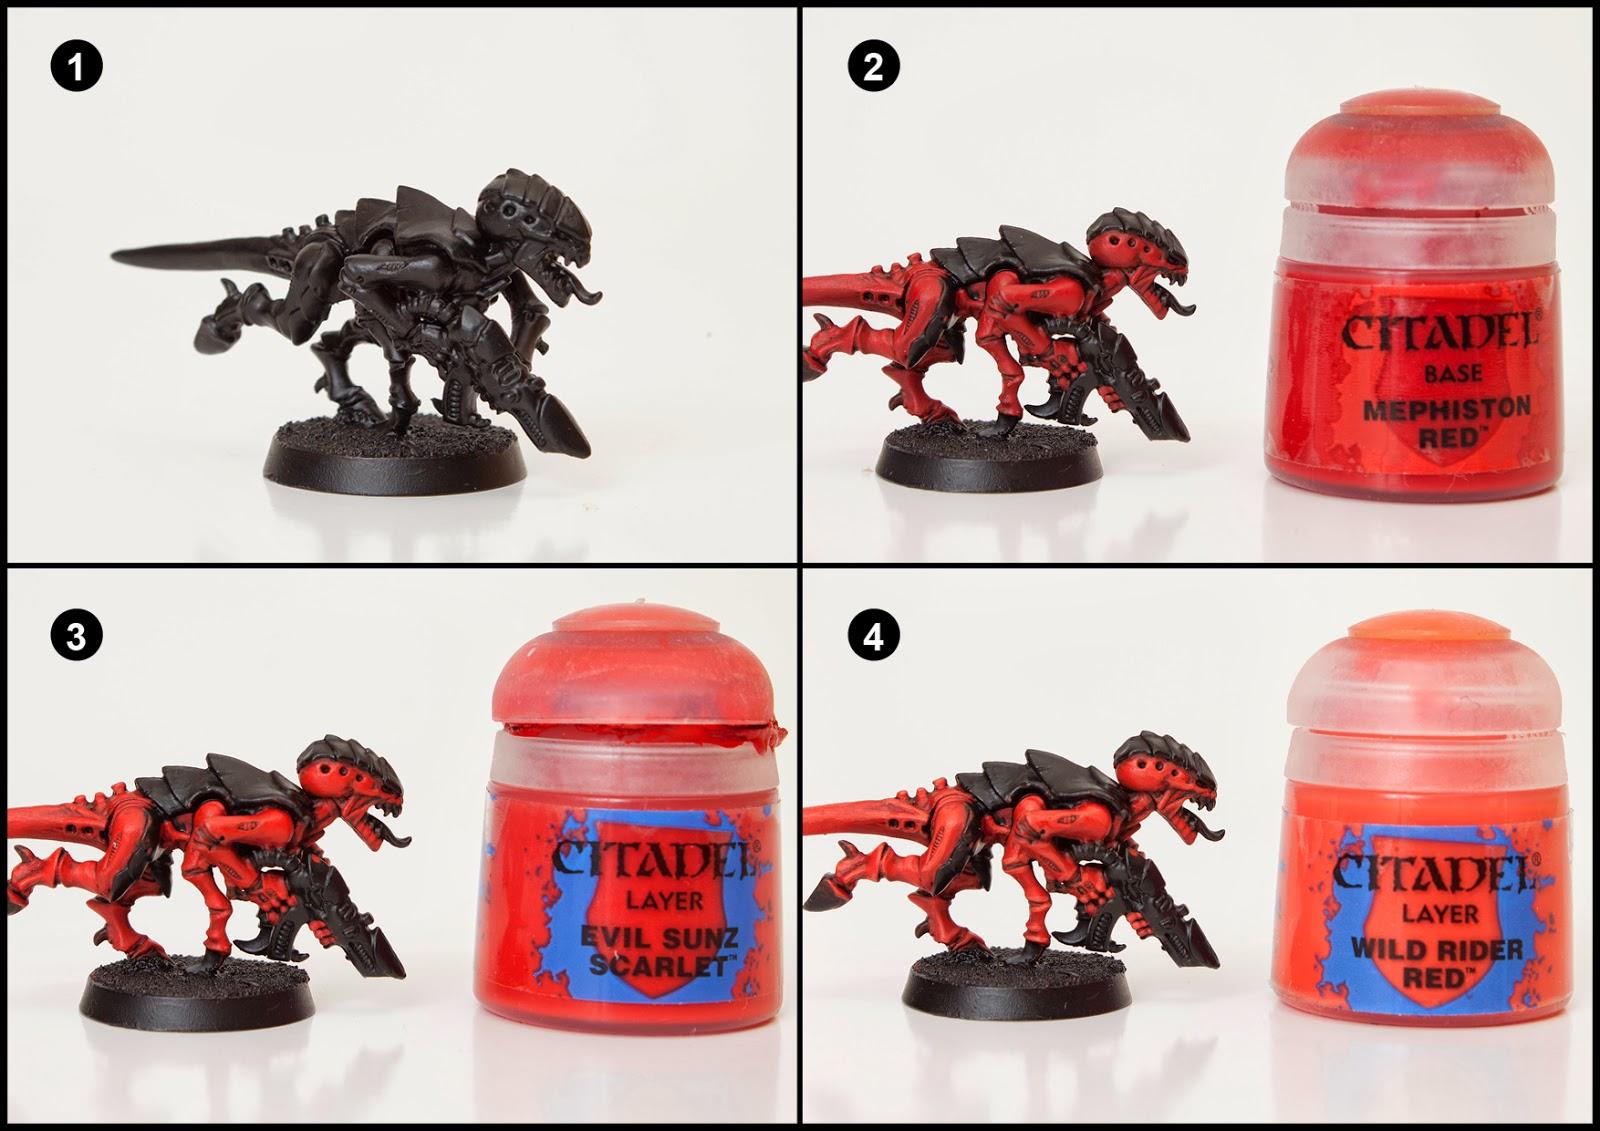 Citadel Red Paint Evil Sunz